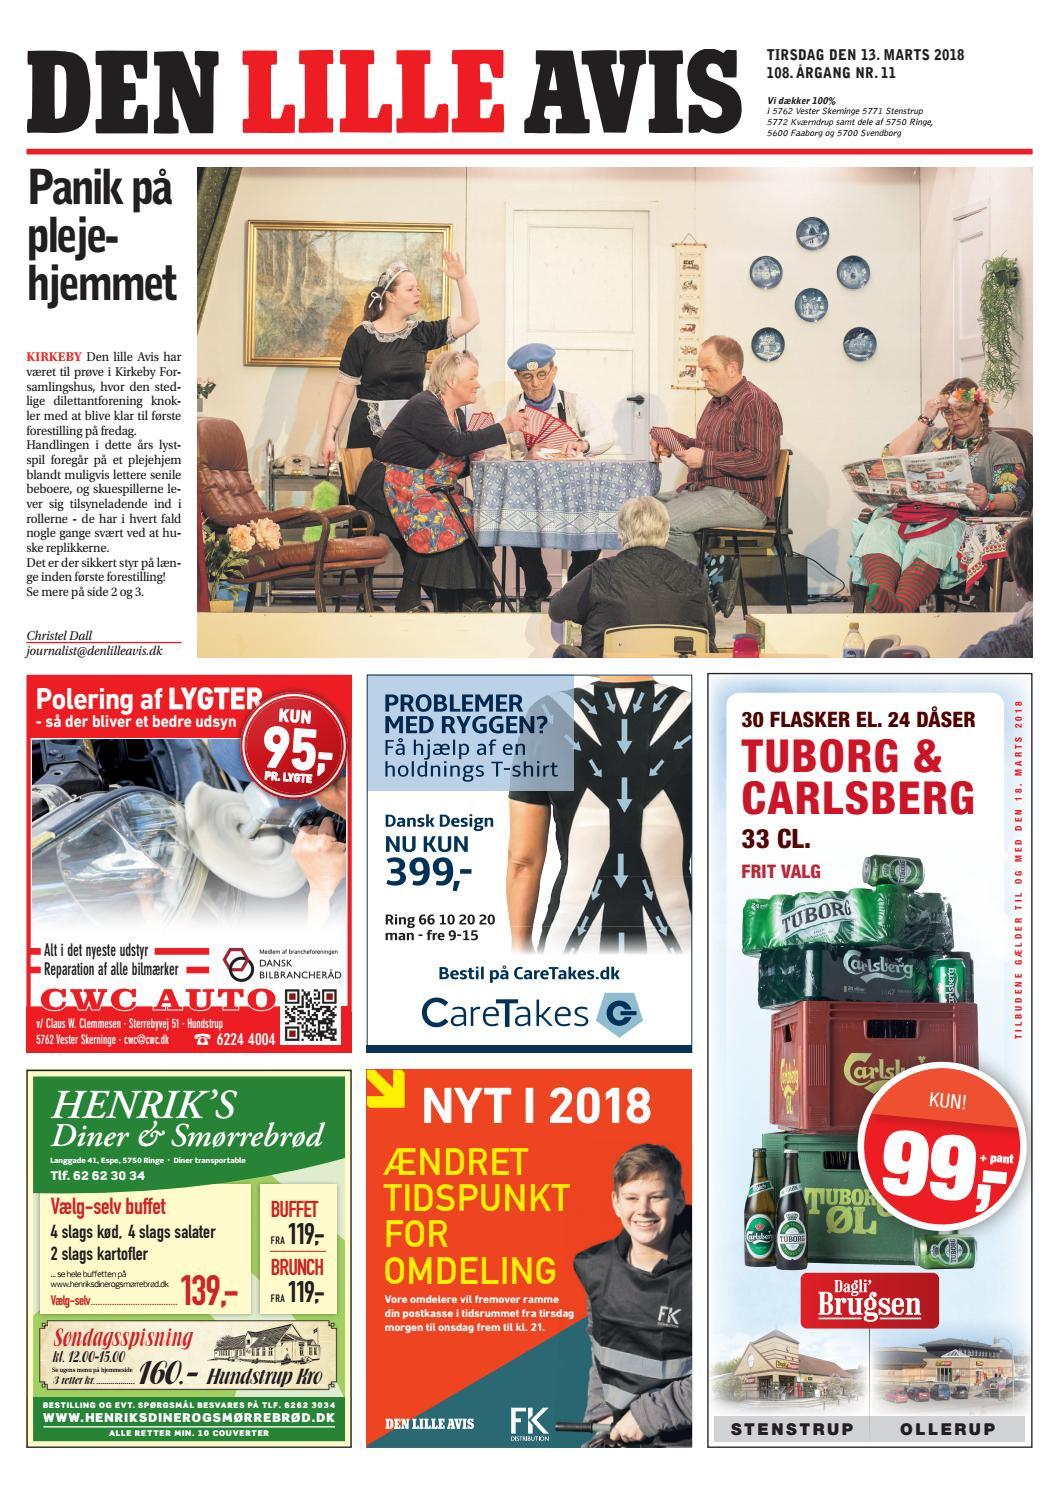 thai massage københavn s eb dk side9